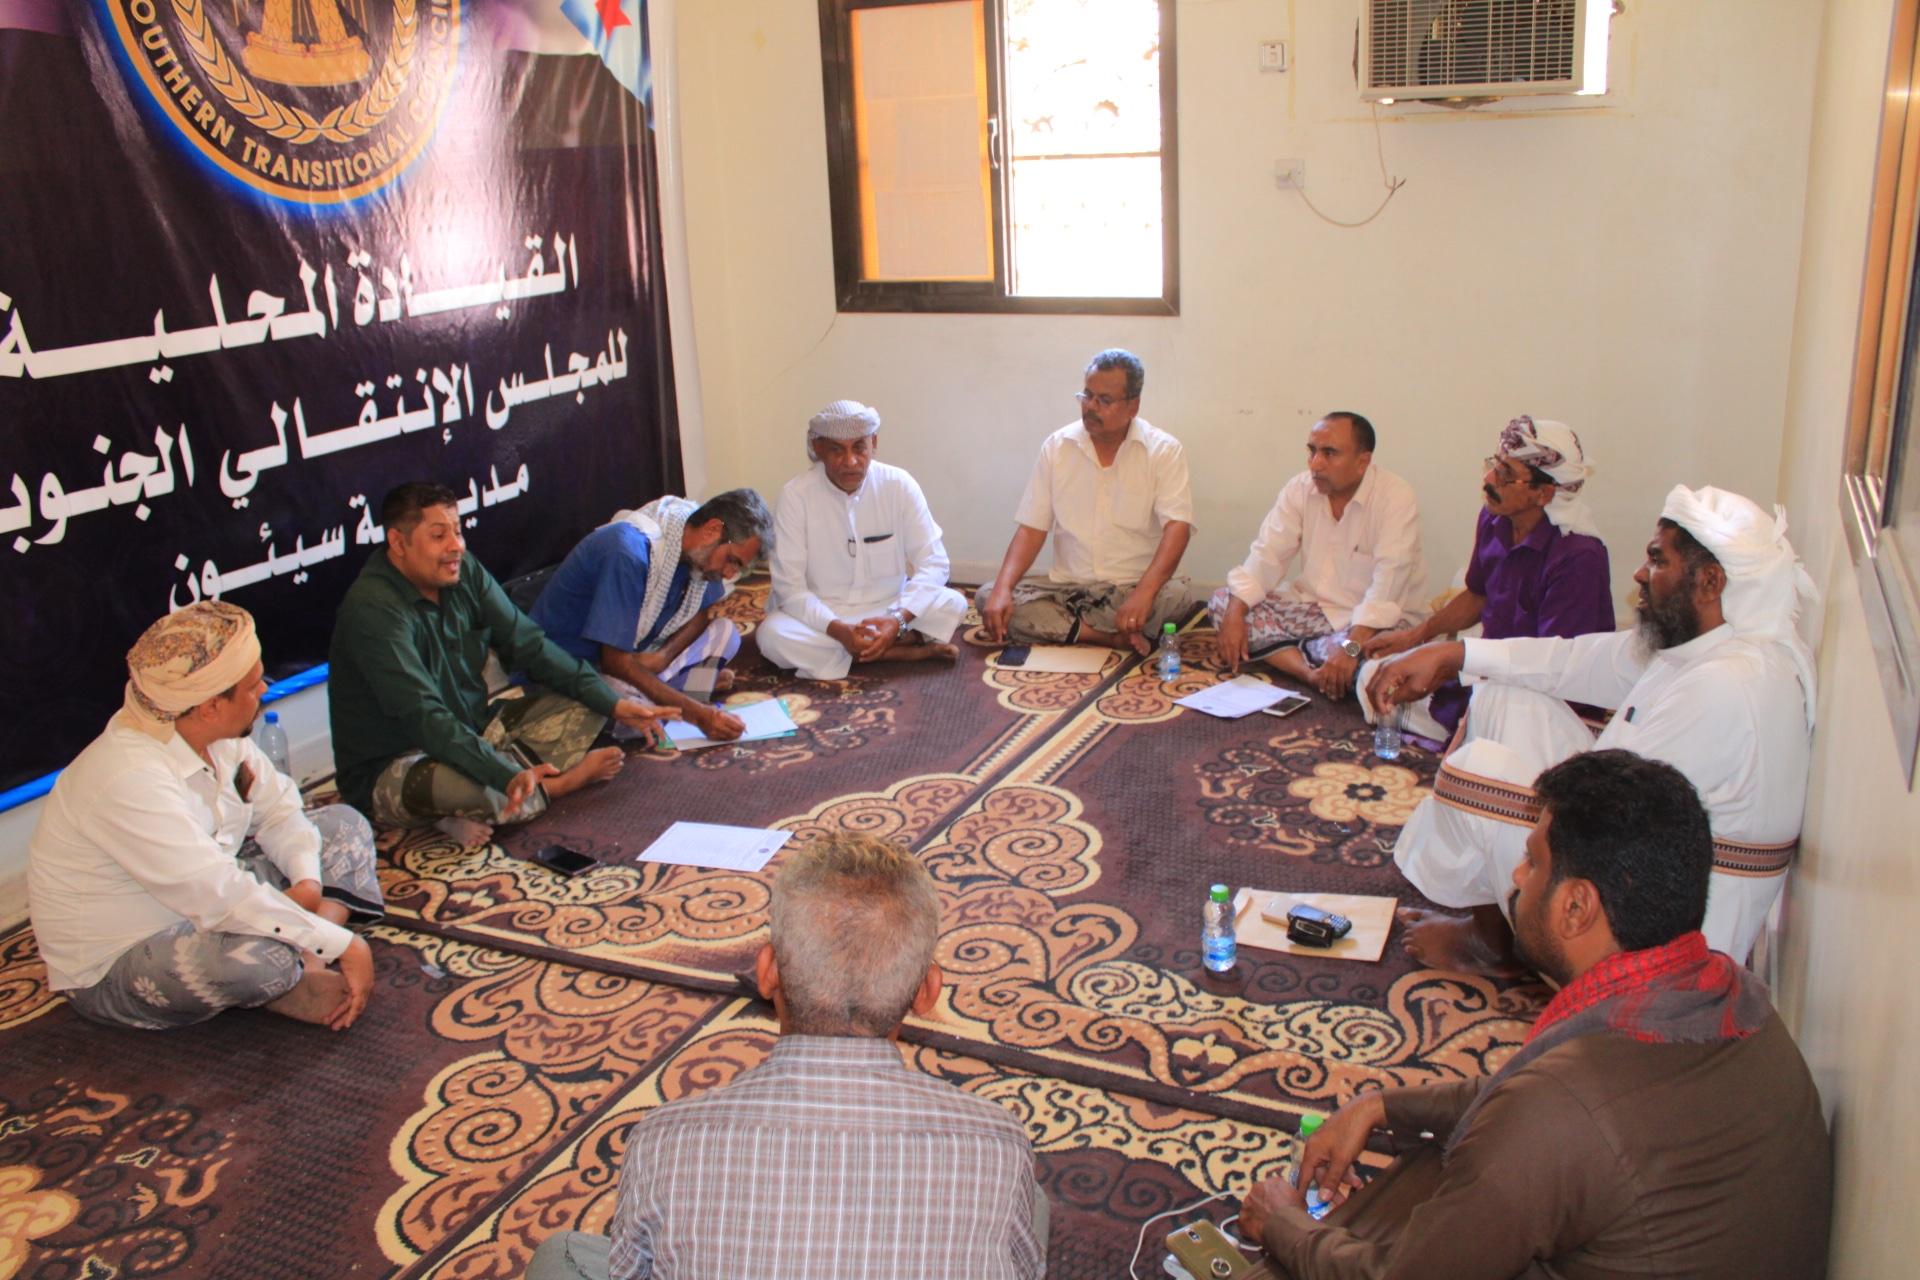 رئاسة تنفيذية انتقالي وادي وصحراء حضرموت تعقد لقاءً تشاوريا برؤساء تنفيذية القيادات المحلية بالمديريات